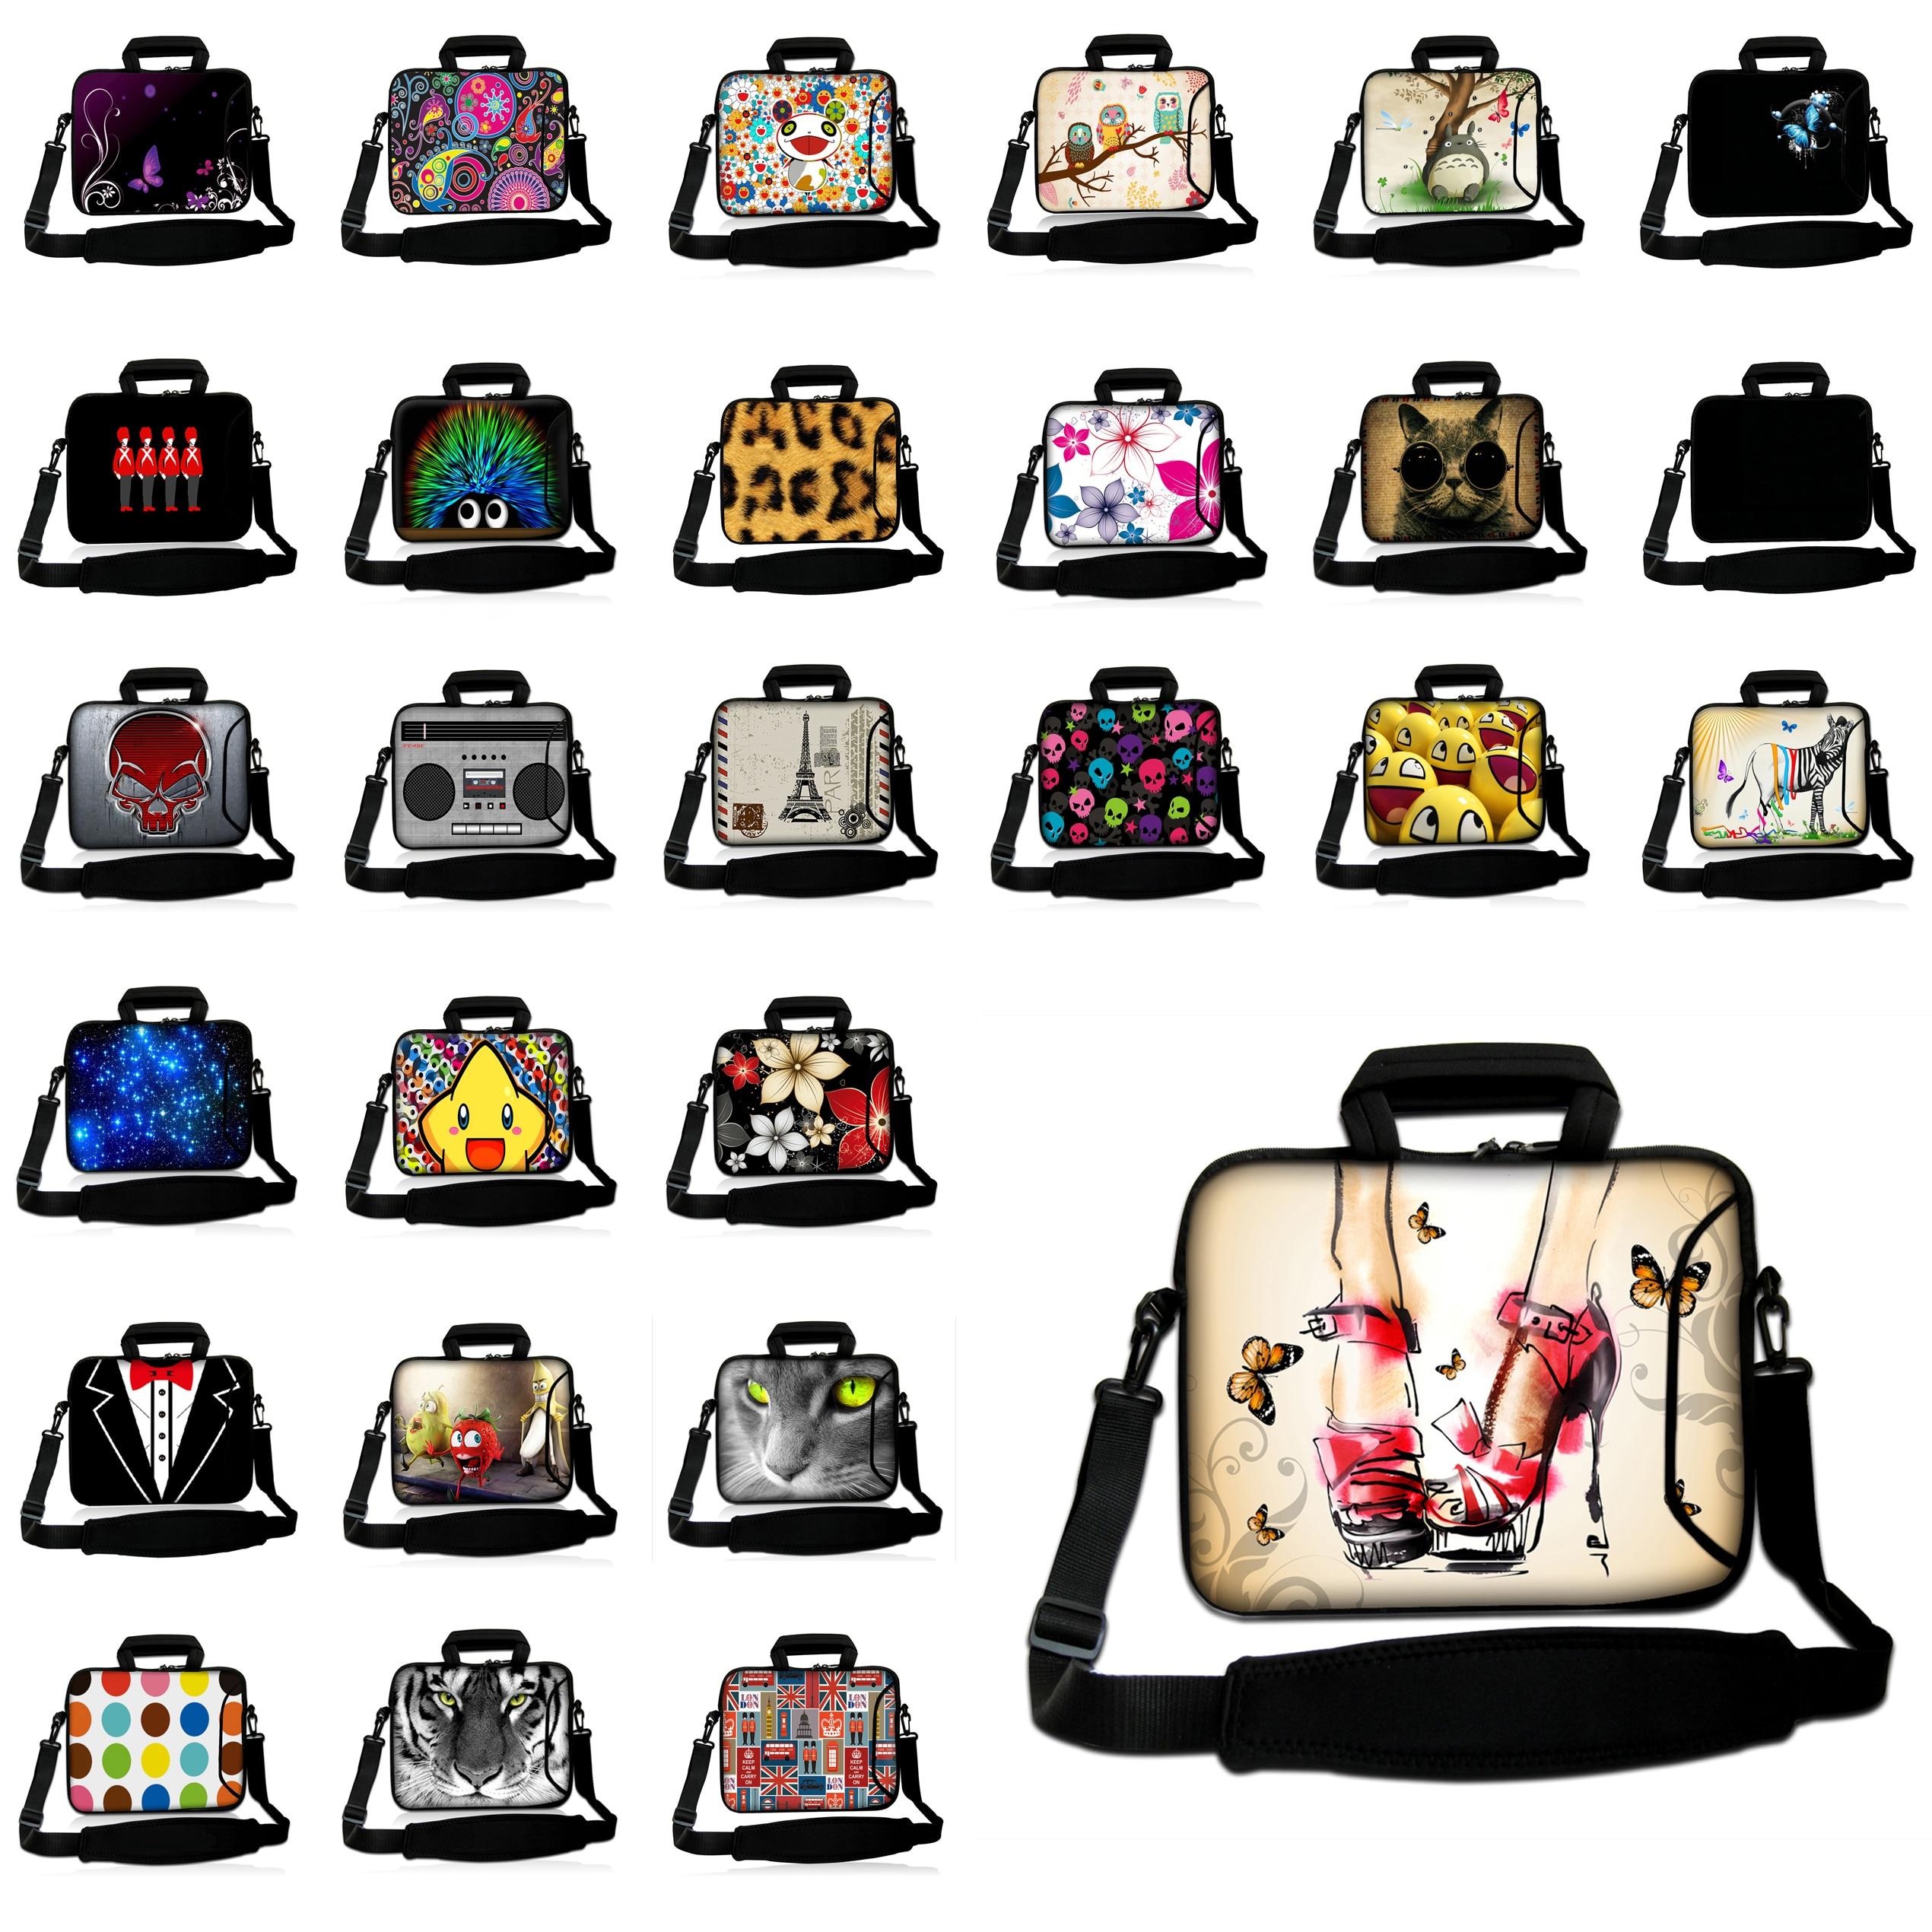 12 Neoprene Utusan Tas Bahu Tas Laptop Untuk Apple Macbook Air 11 6 Mini PC Tablet Netbook 12 2 Tas Untuk Chuwi Hi12